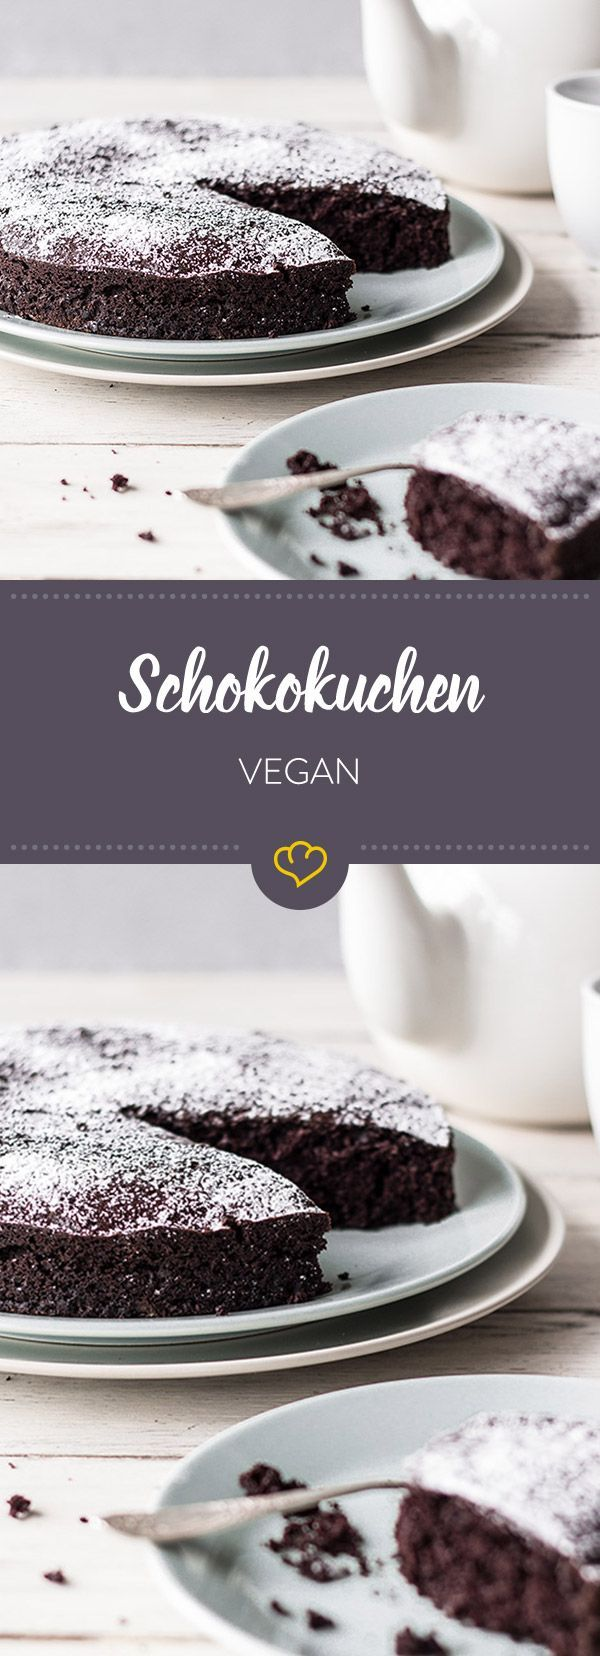 die besten 25+ veganer ideen auf pinterest | vegane lebensmittel ... - Schnelle Vegane Küche